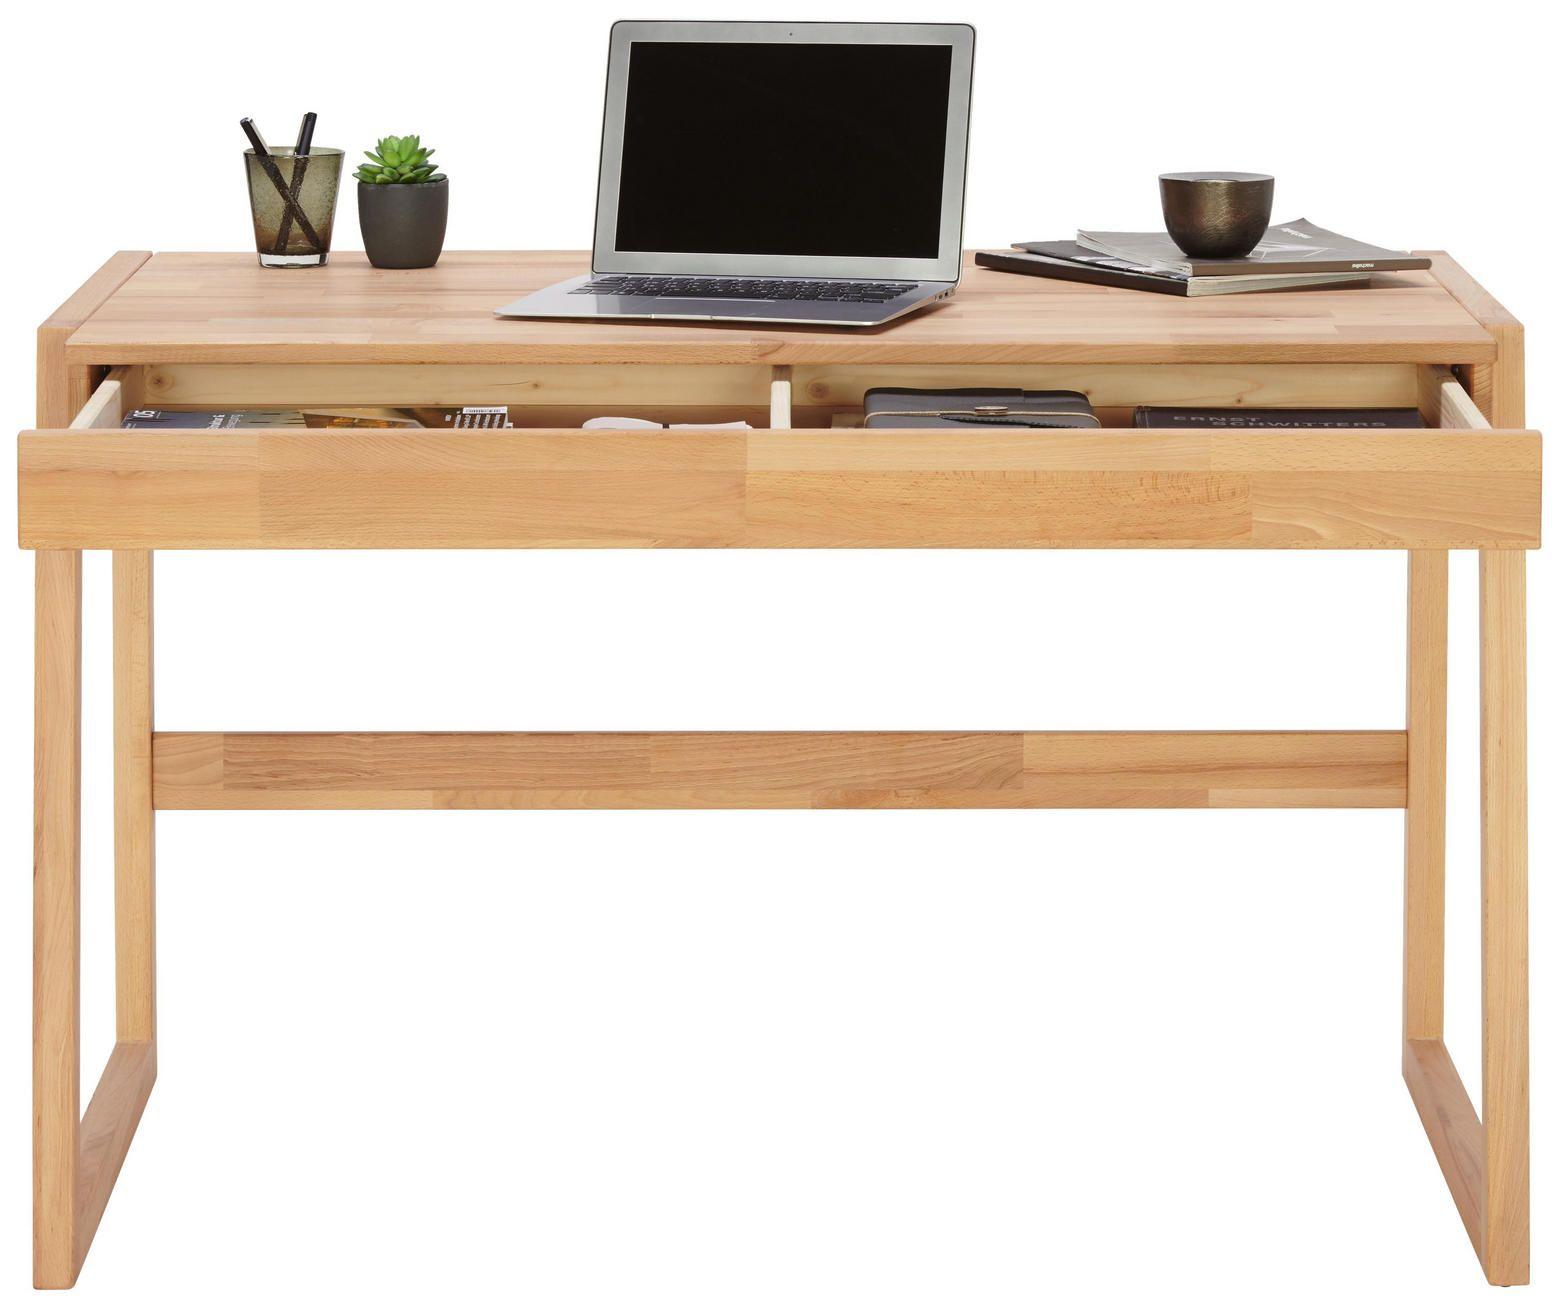 Schreibtisch Aus Kernbuche Massiv Mit Schublade Schreibtisch Holz Schreibtisch Schubladen